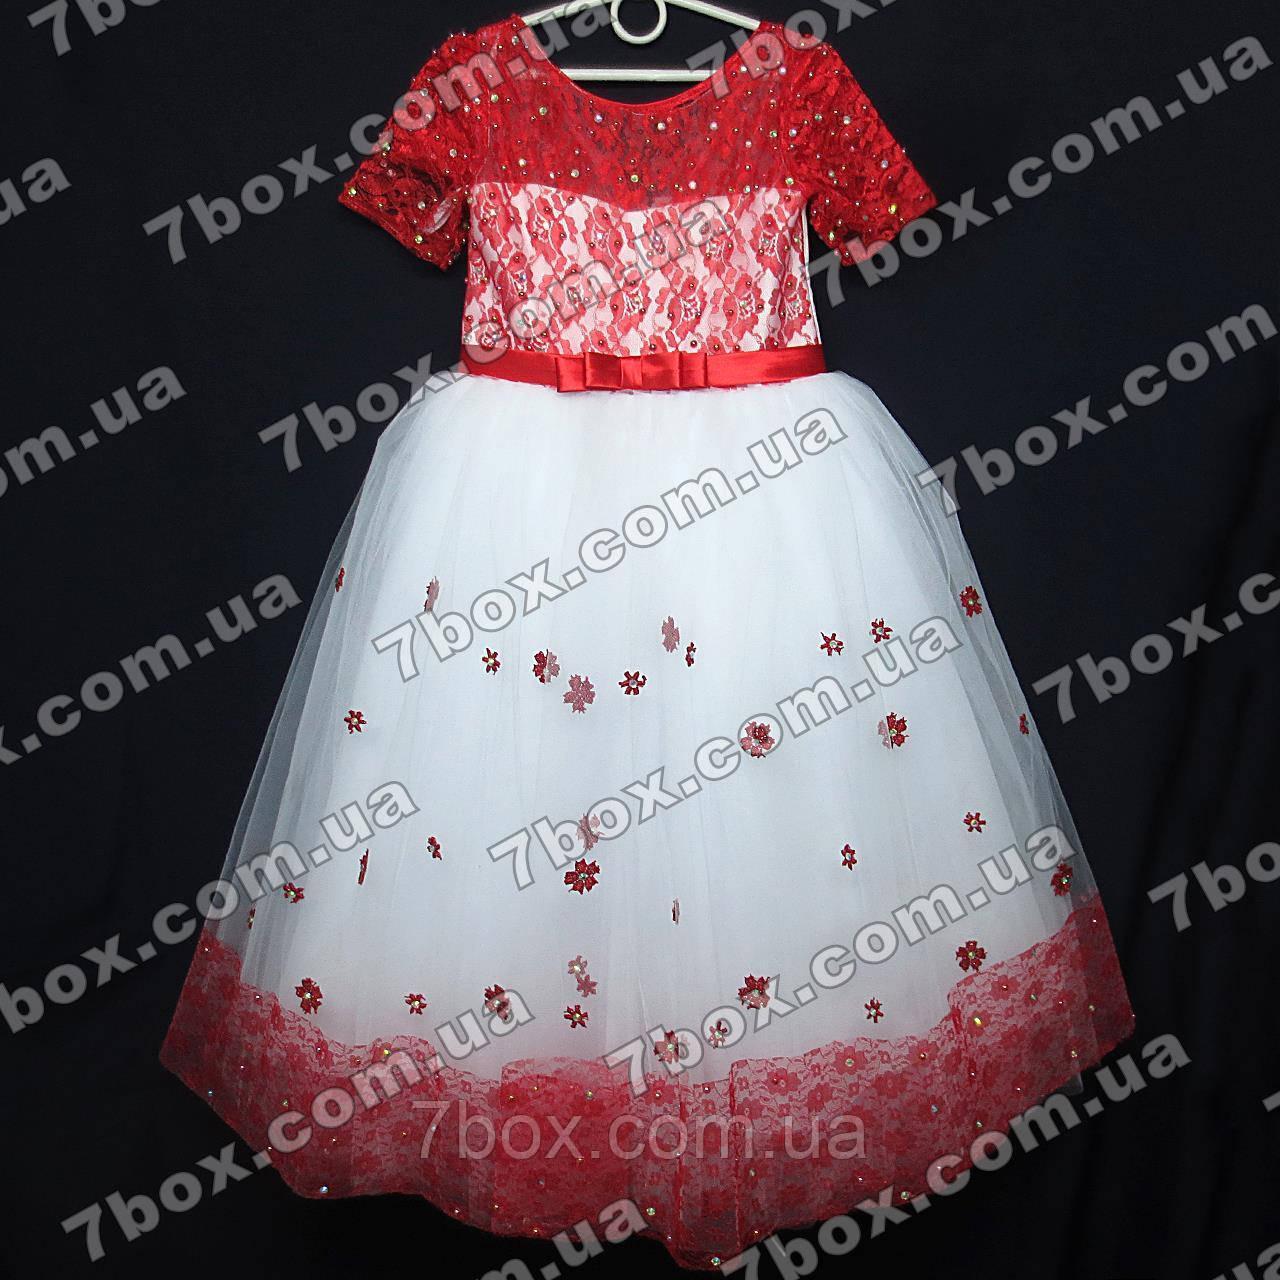 Детское нарядное платье бальное Миледи (красное+белый) Возраст 7-9 лет.